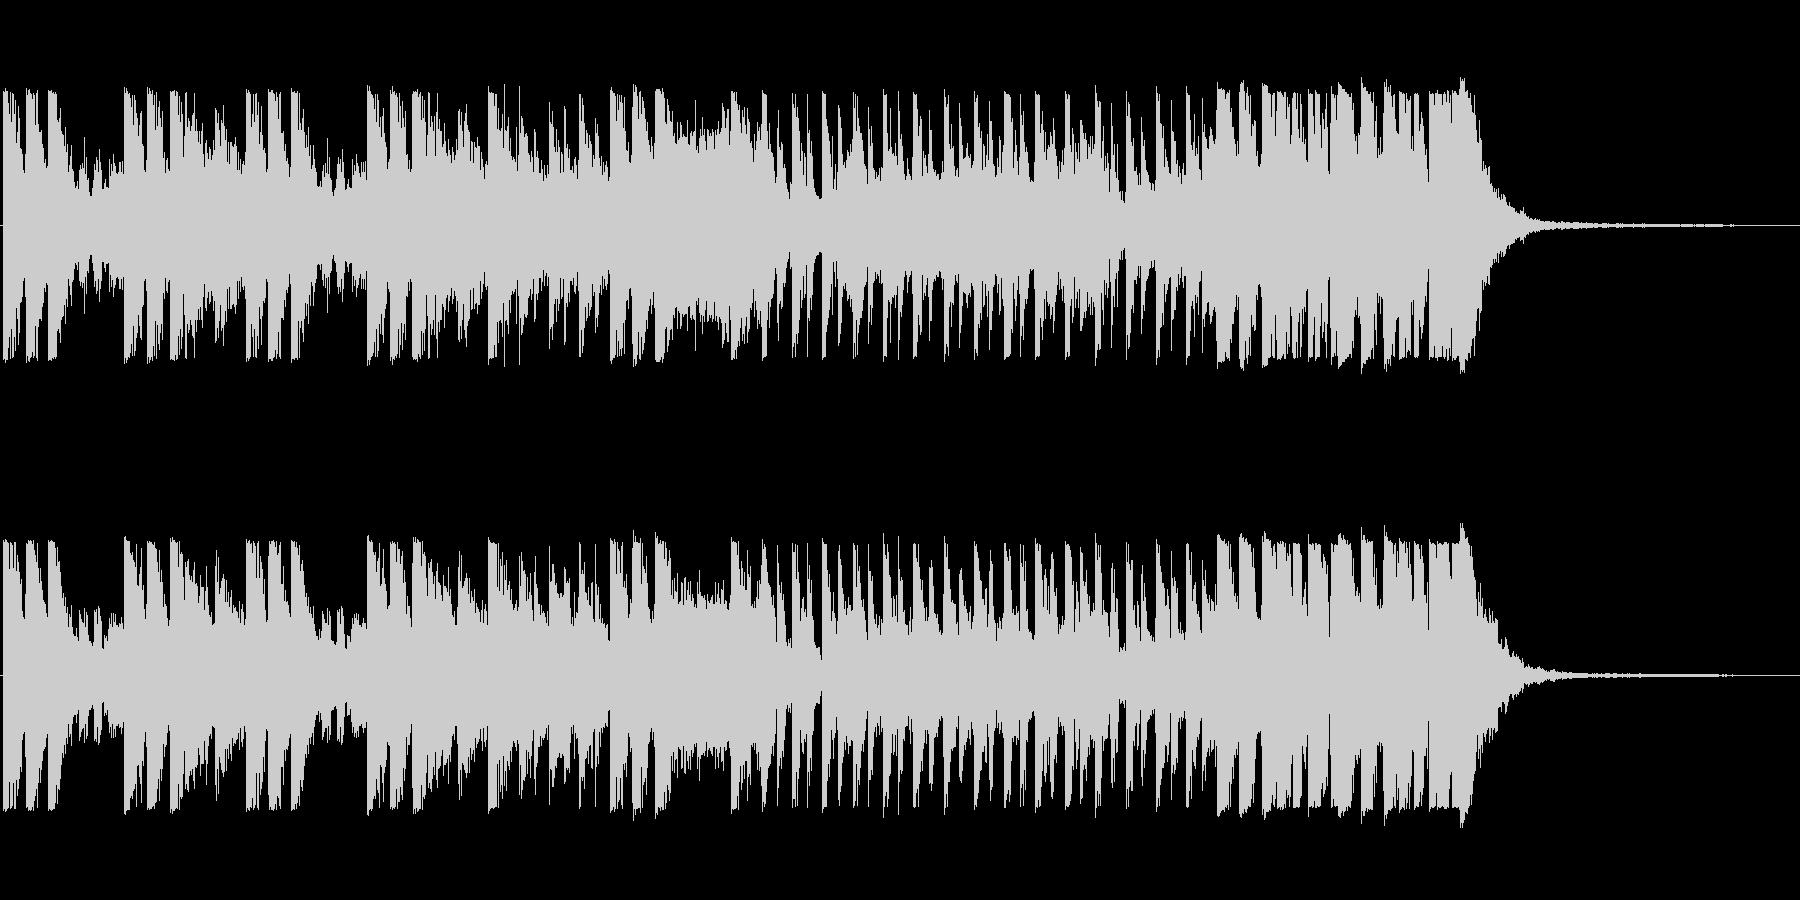 「オケヒットのキメが多めのBGM」の未再生の波形